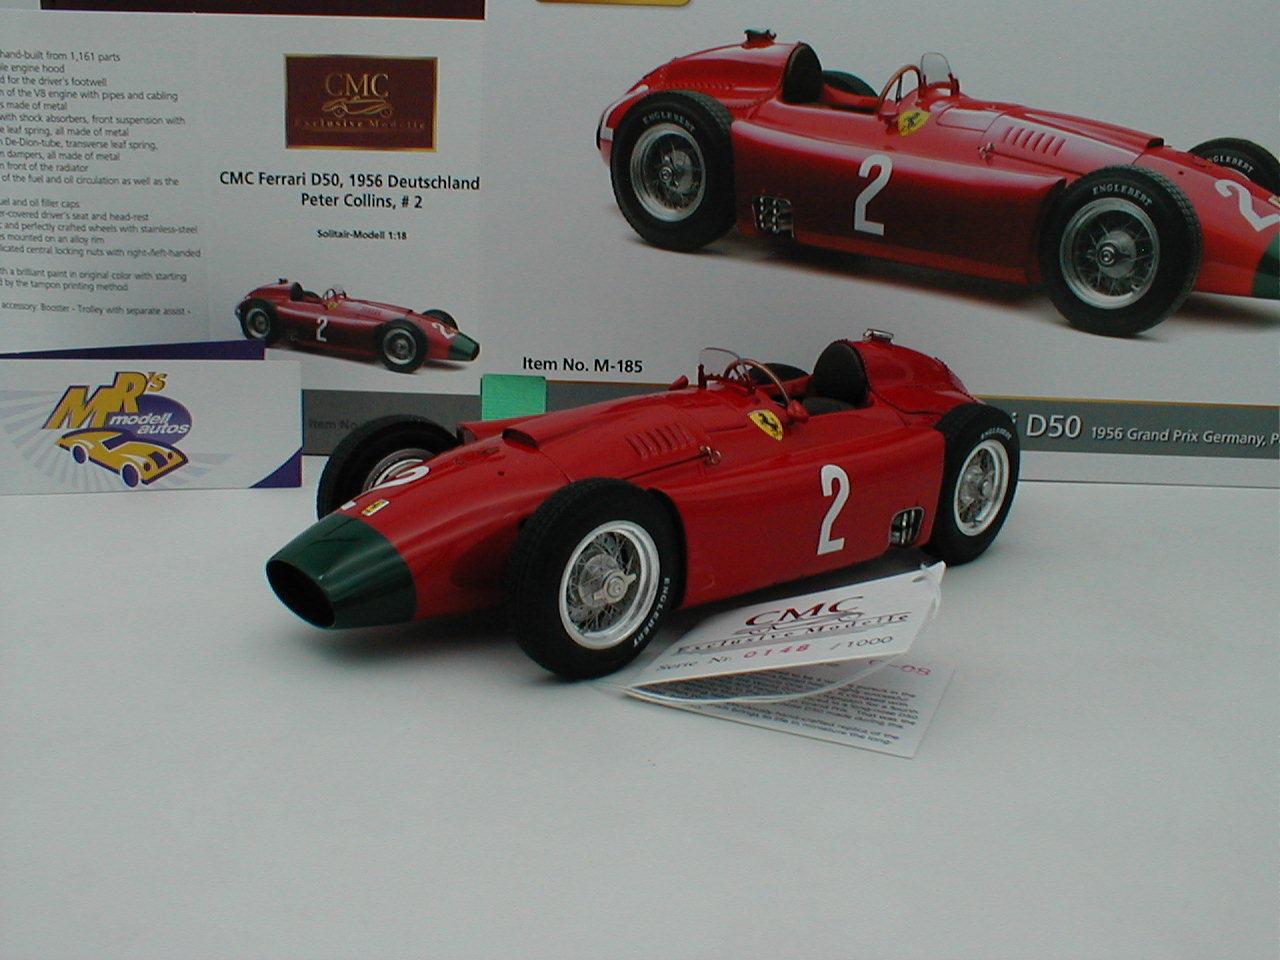 CMC m-185 - Ferrari d50 No. 2 GERMANY GP 1956  PETER COLLINS  1 18 NOUVEAUTÉ